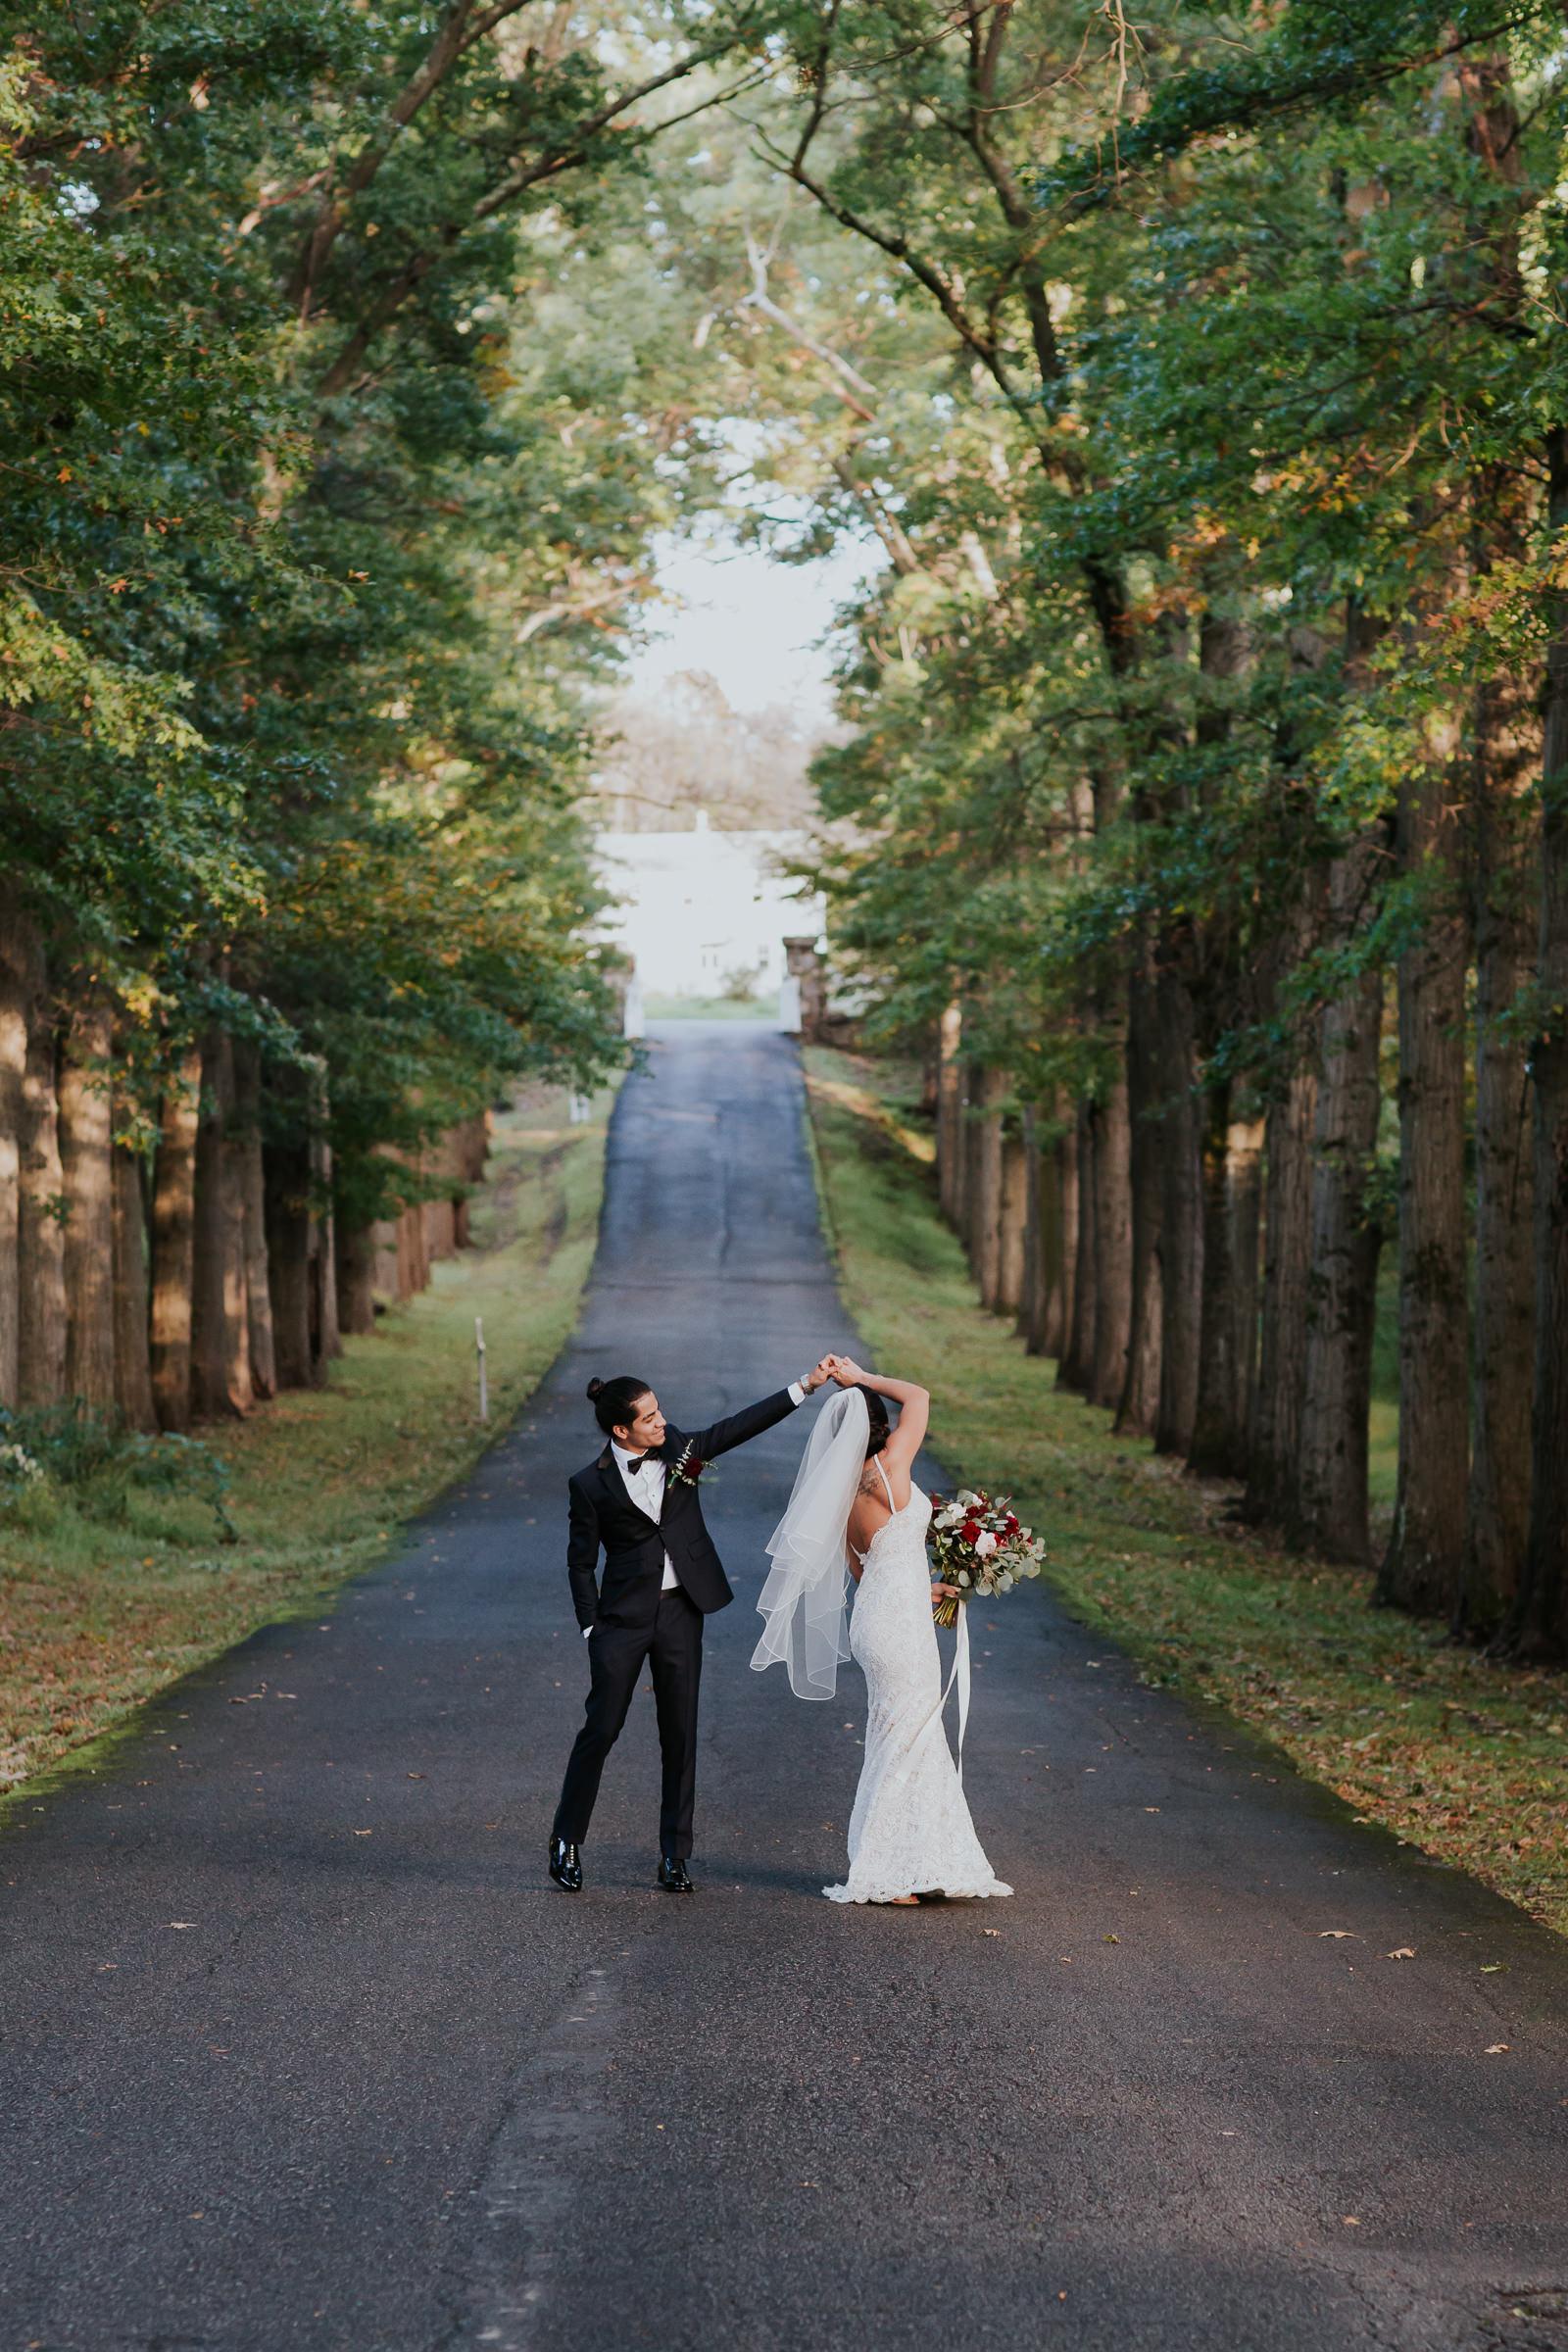 Arrow-Park-Monroe-NY-Documentary-Wedding-Photographer-66.jpg